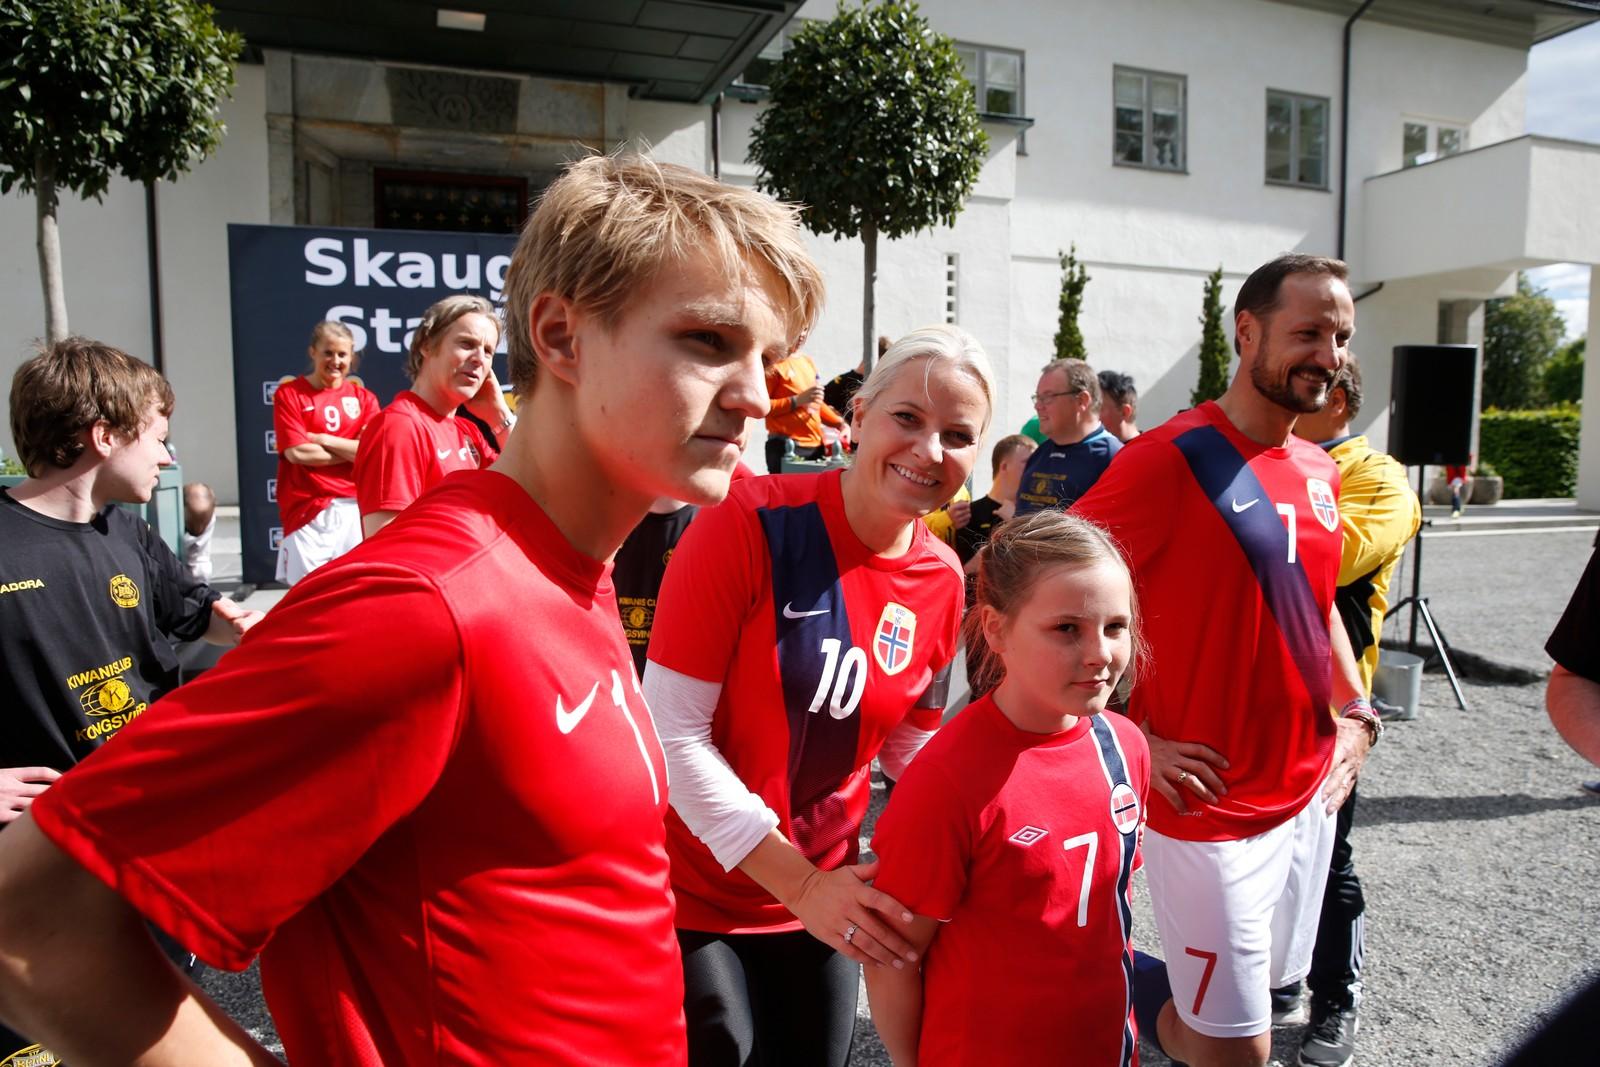 FOTBALL PÅ TUNET: 11 år gammal hadde prinsessa Martin Ødegaard på laget då Team Skaugum møtte Brane Tigers i ein vennskapskamp på Skaugum Stadion.